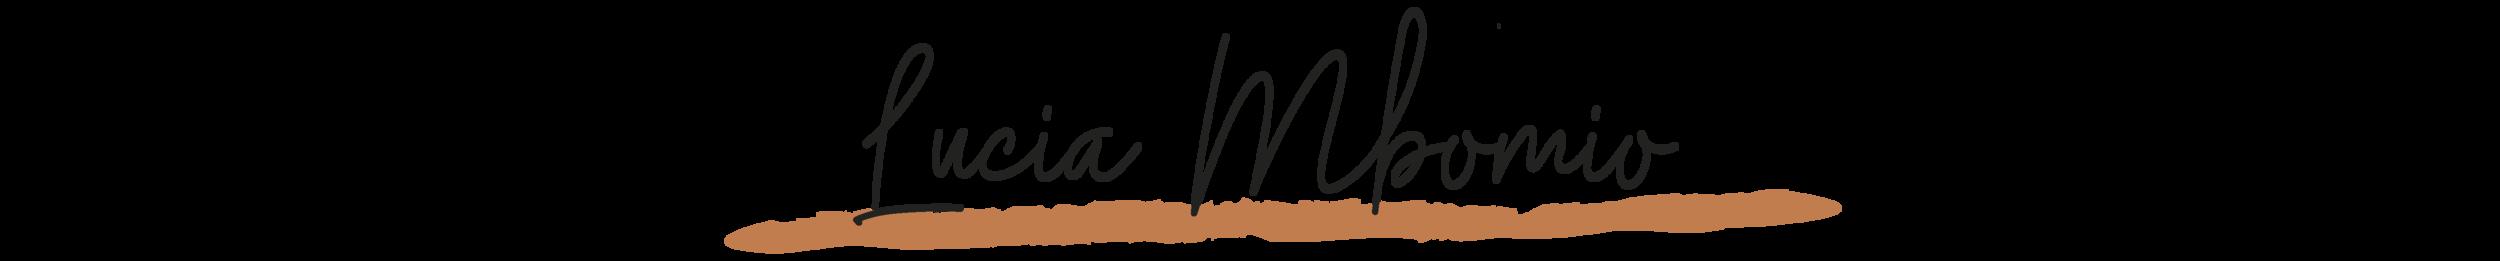 imagenes-web-bloggever-intuasturias-2019-30.png